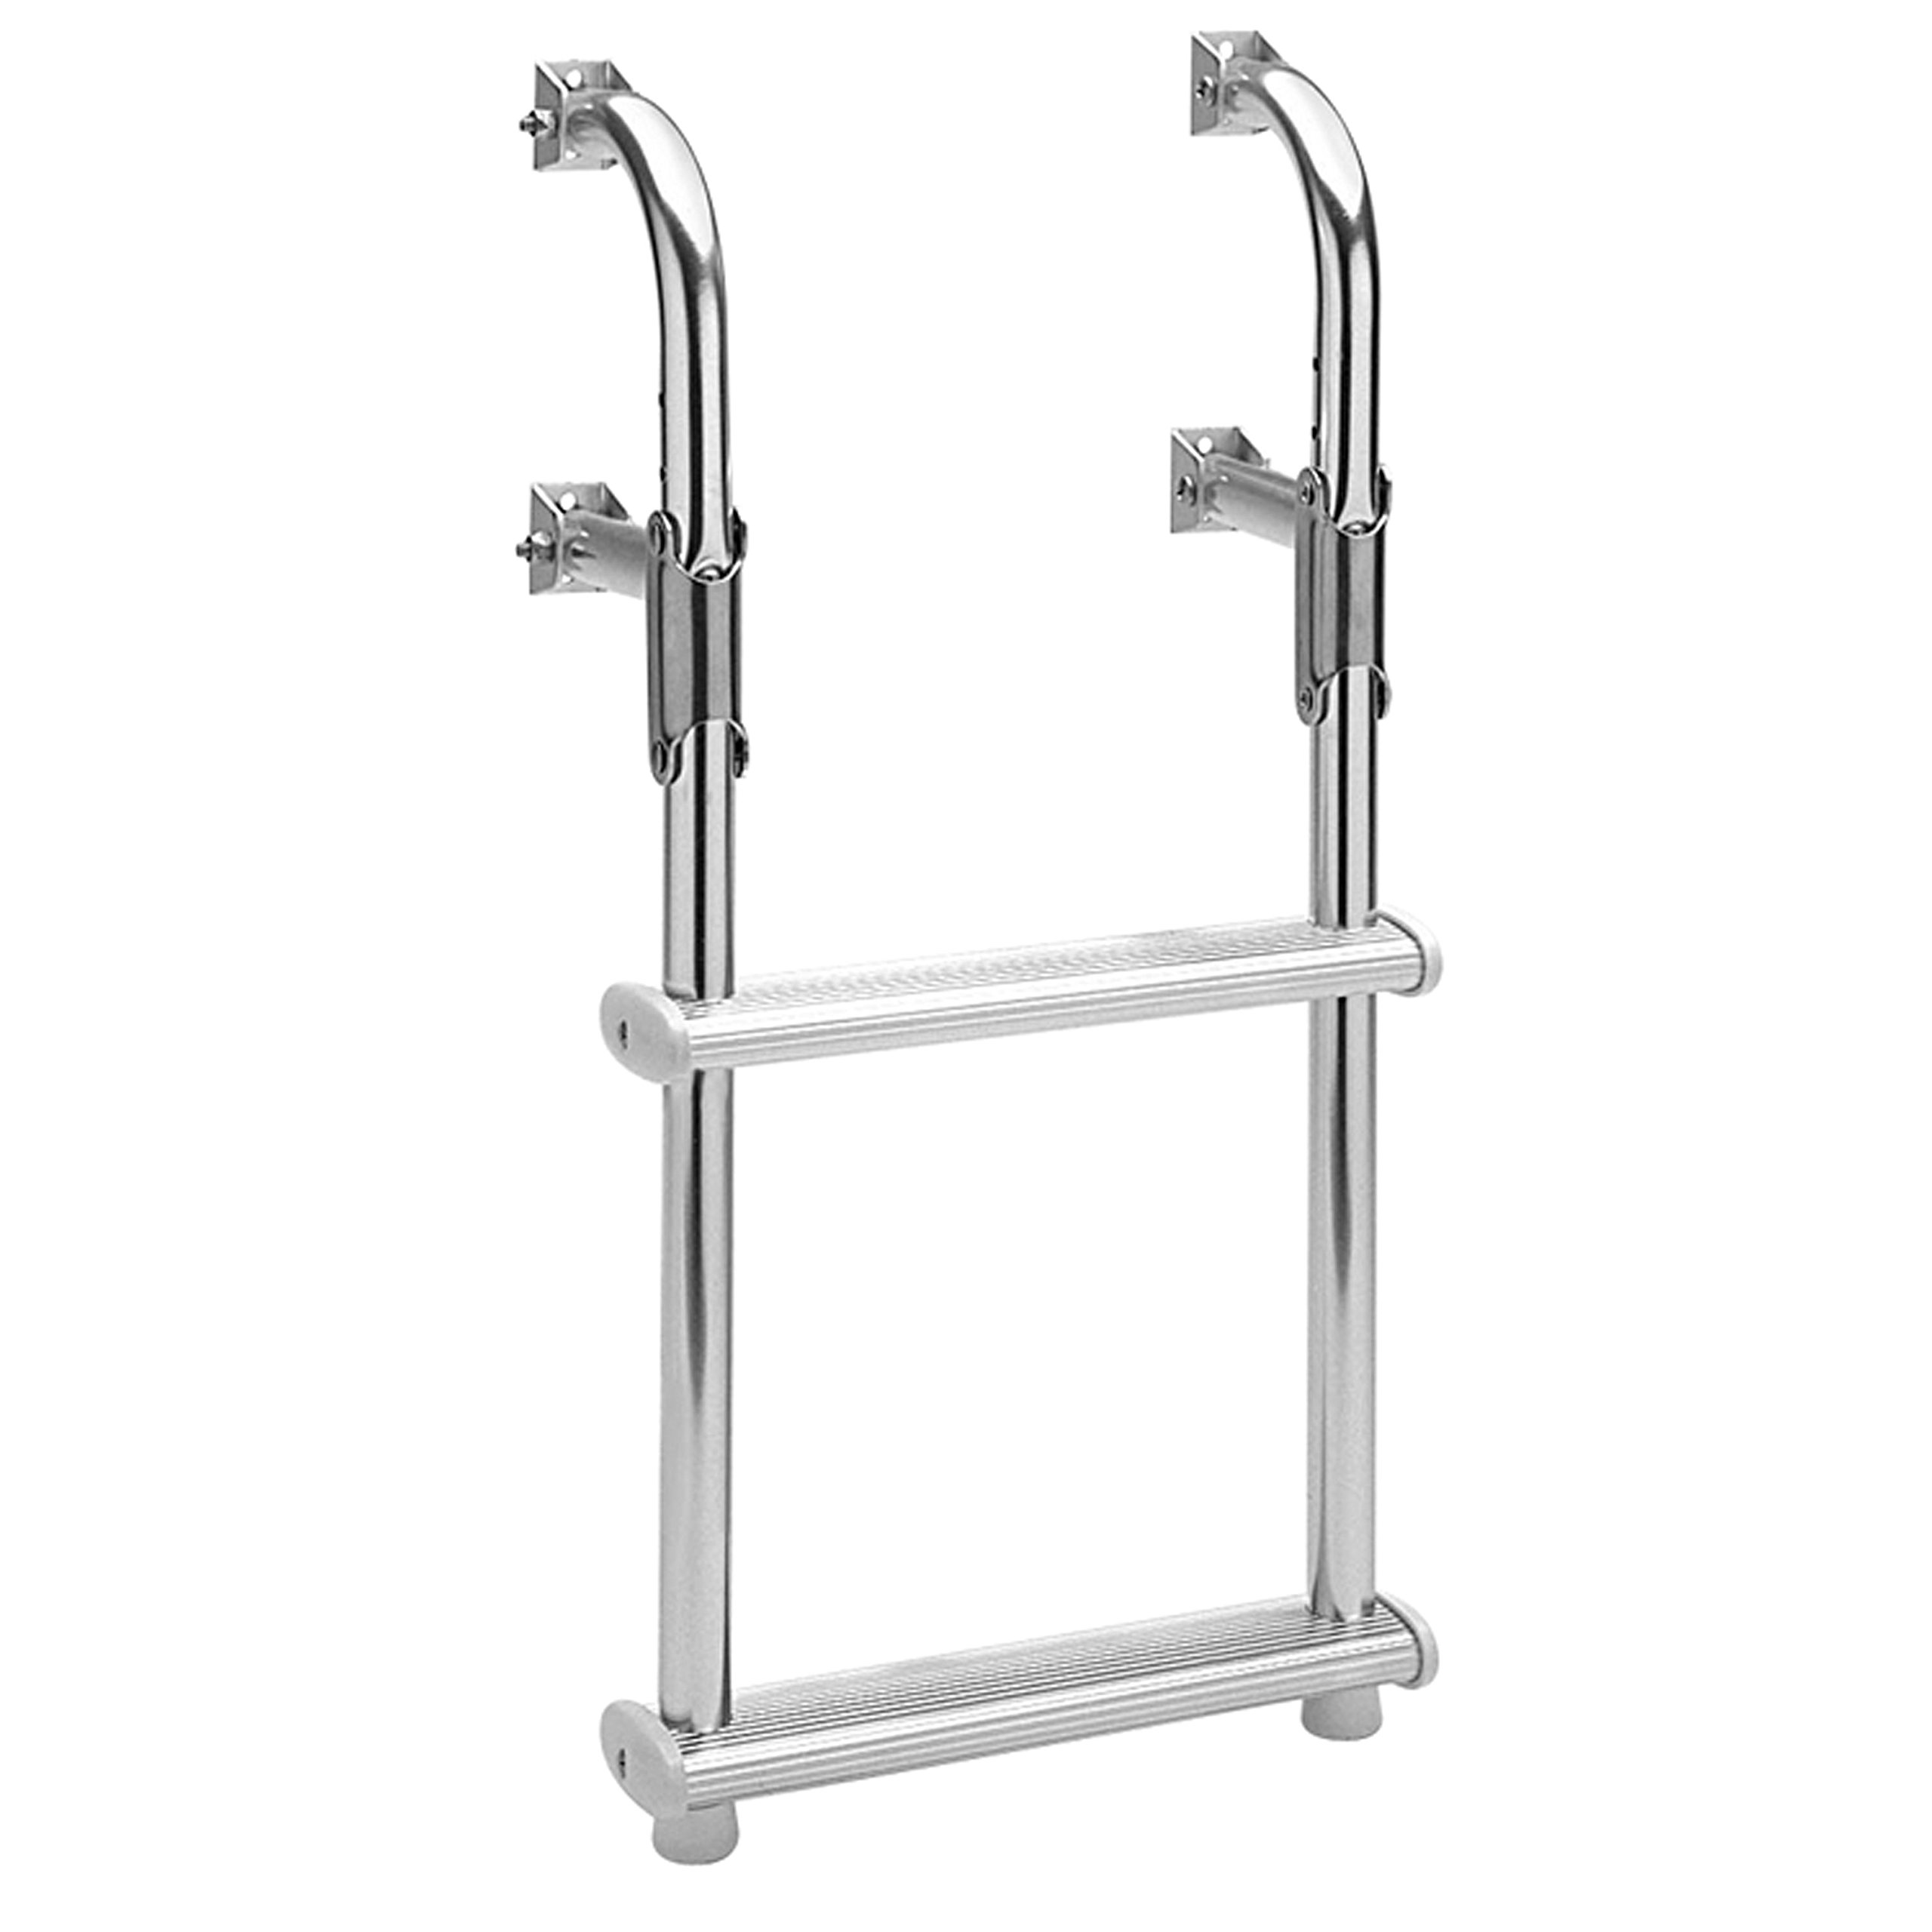 Garelick/EEz-In 18017:01 Compact Transom Ladder by Garelick/EEz-In